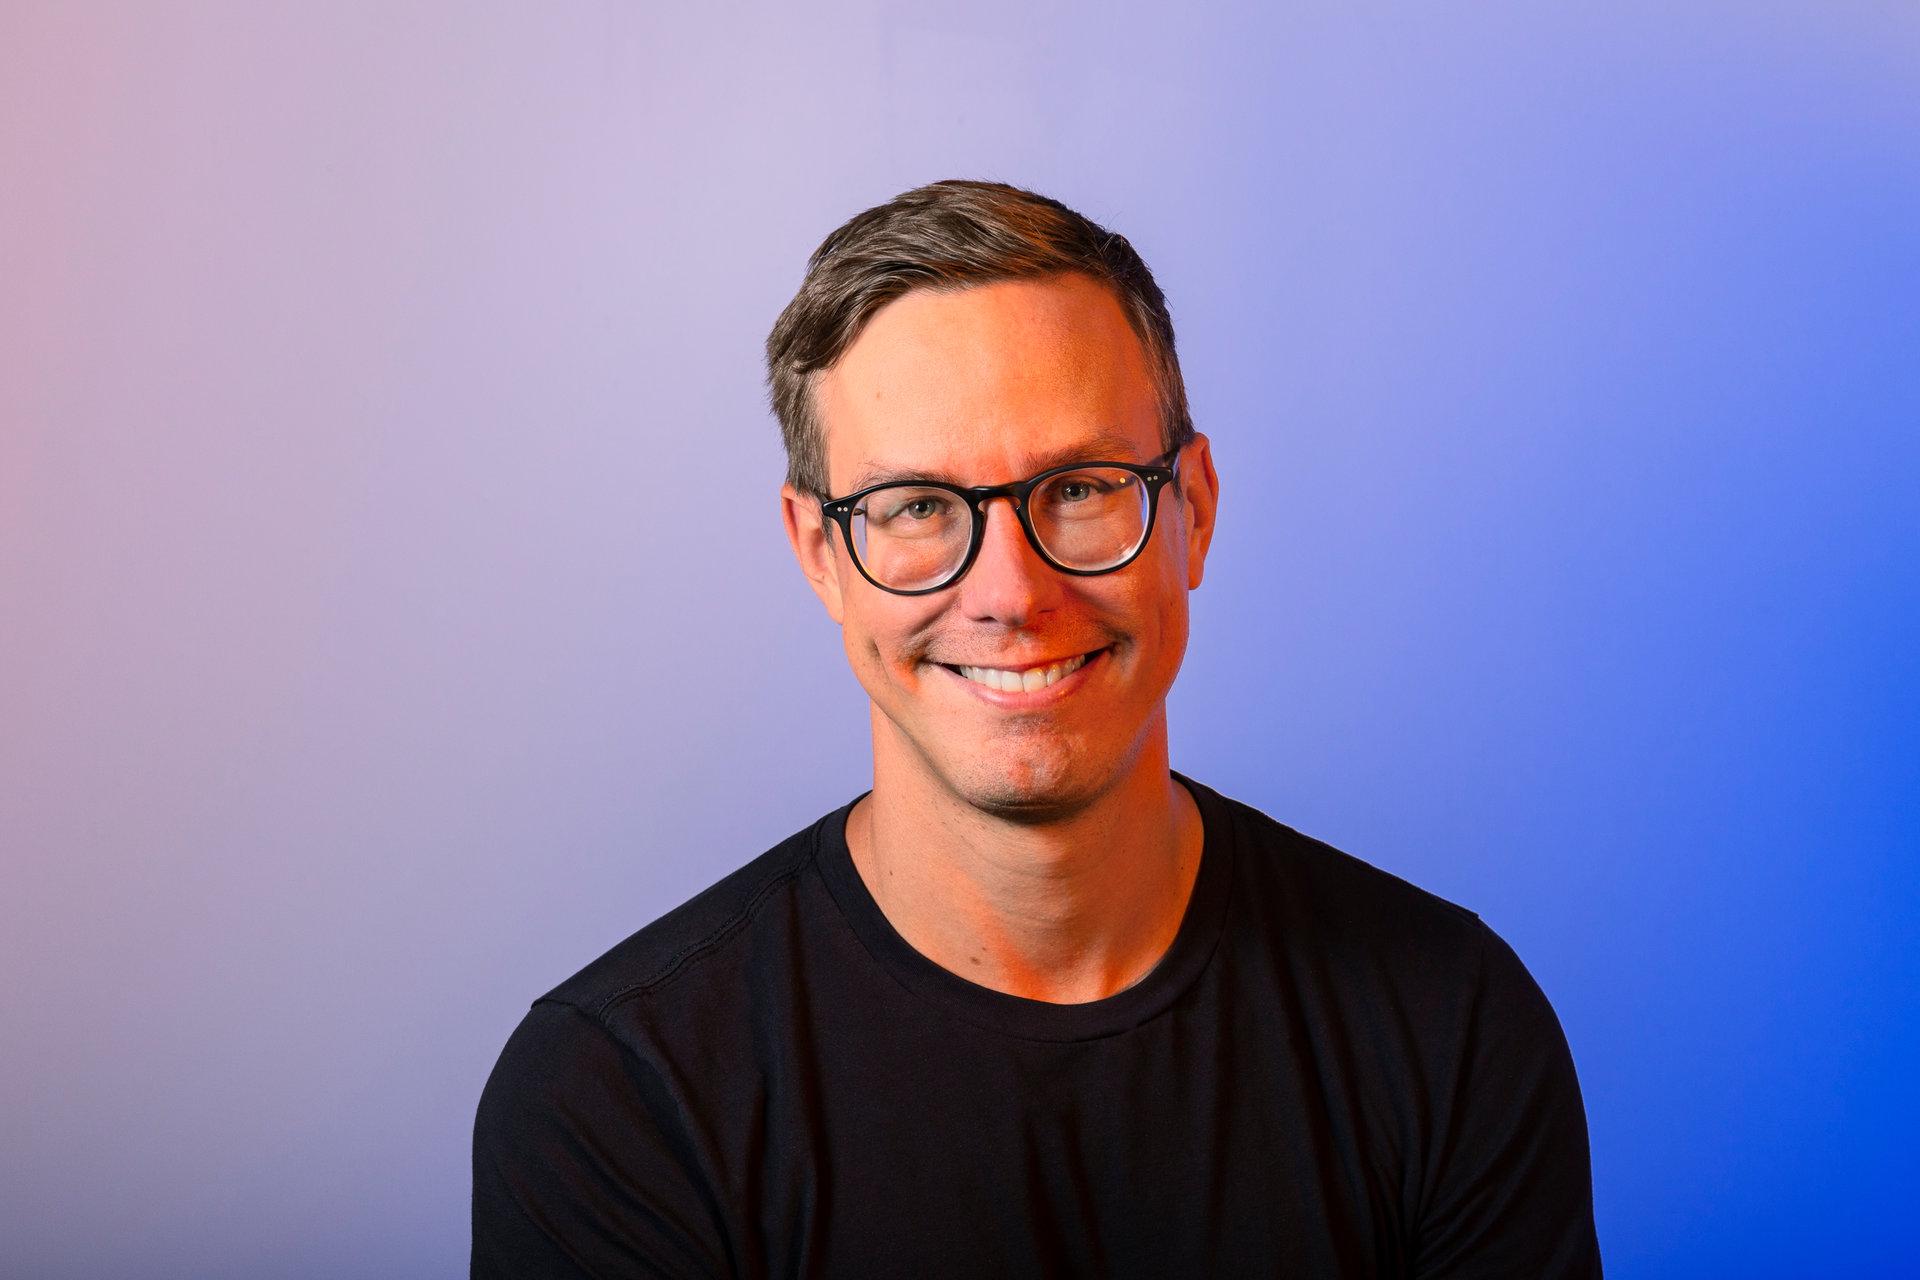 Nicholas Carlson, Global Editor-in-Chief of Insider Inc.